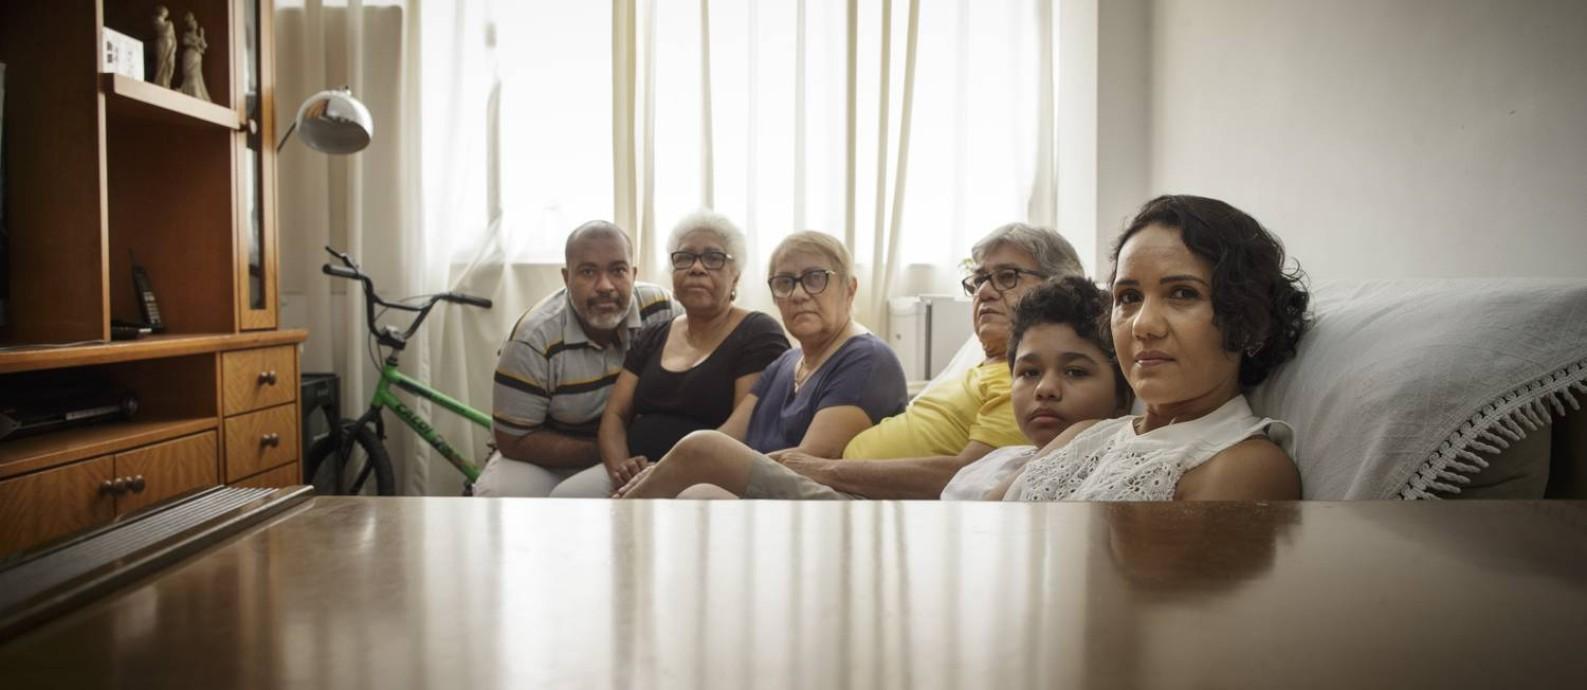 Retrocesso: A esteticista Adria Rodrigues (à direita) perdeu seu negócio. Com o marido desempregado, a casa só tem a renda dos pais deles, que estão aposentados Foto: Márcia Foletto / Agência O Globo